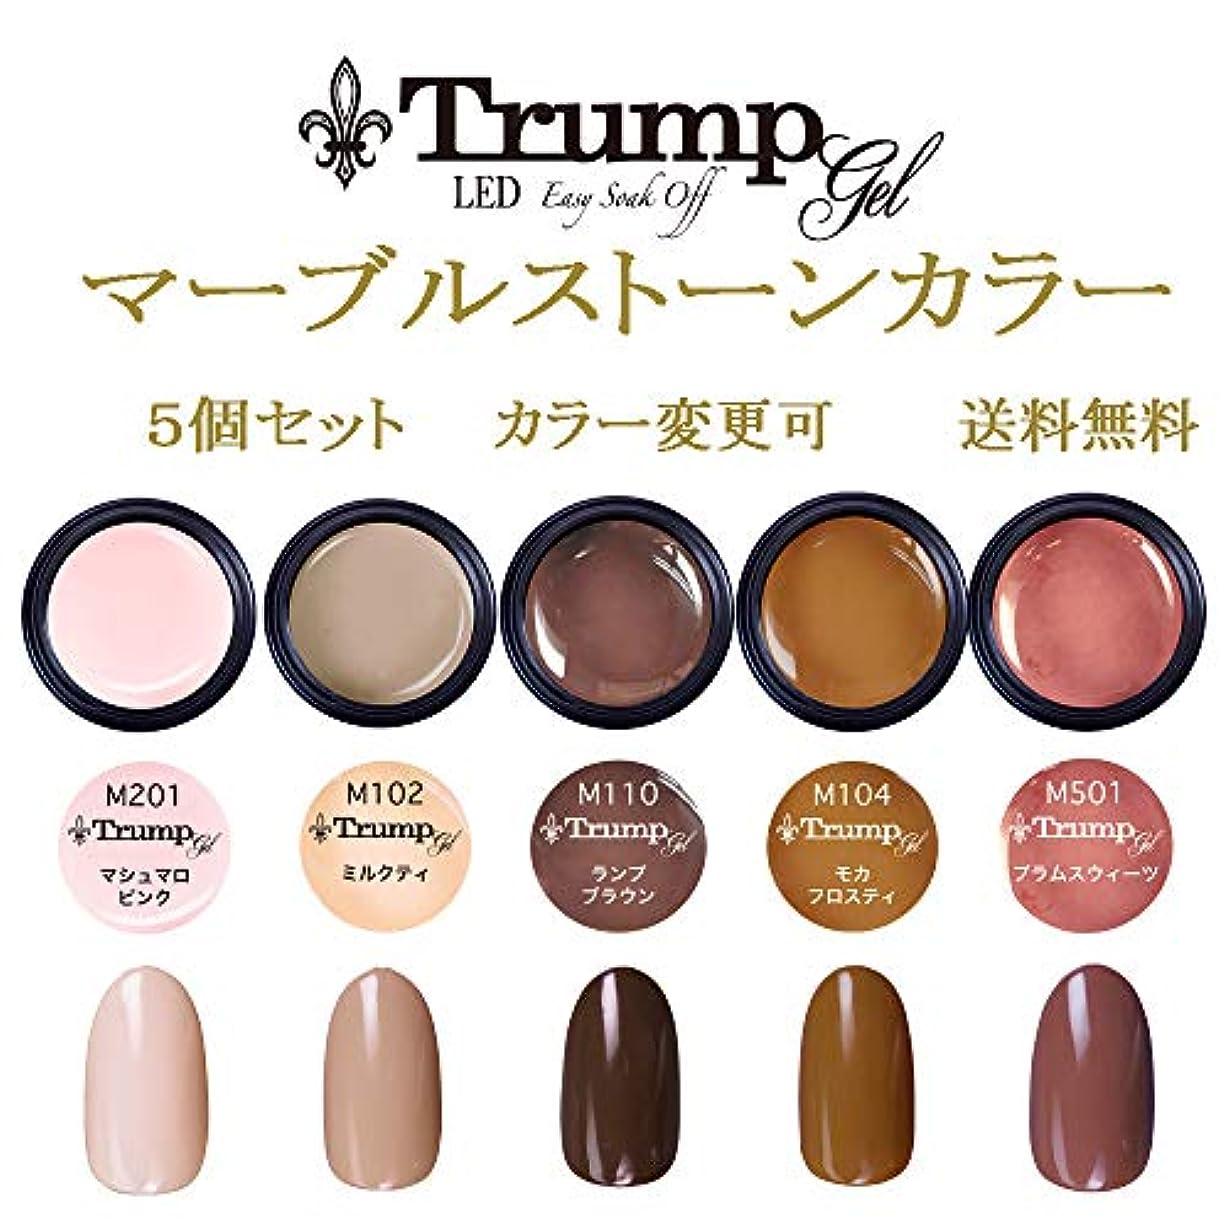 タッチシャイニングミス【送料無料】日本製 Trump gel トランプジェル マーブルストーン カラージェル 5個セット 人気の大理石ネイルカラーをチョイス